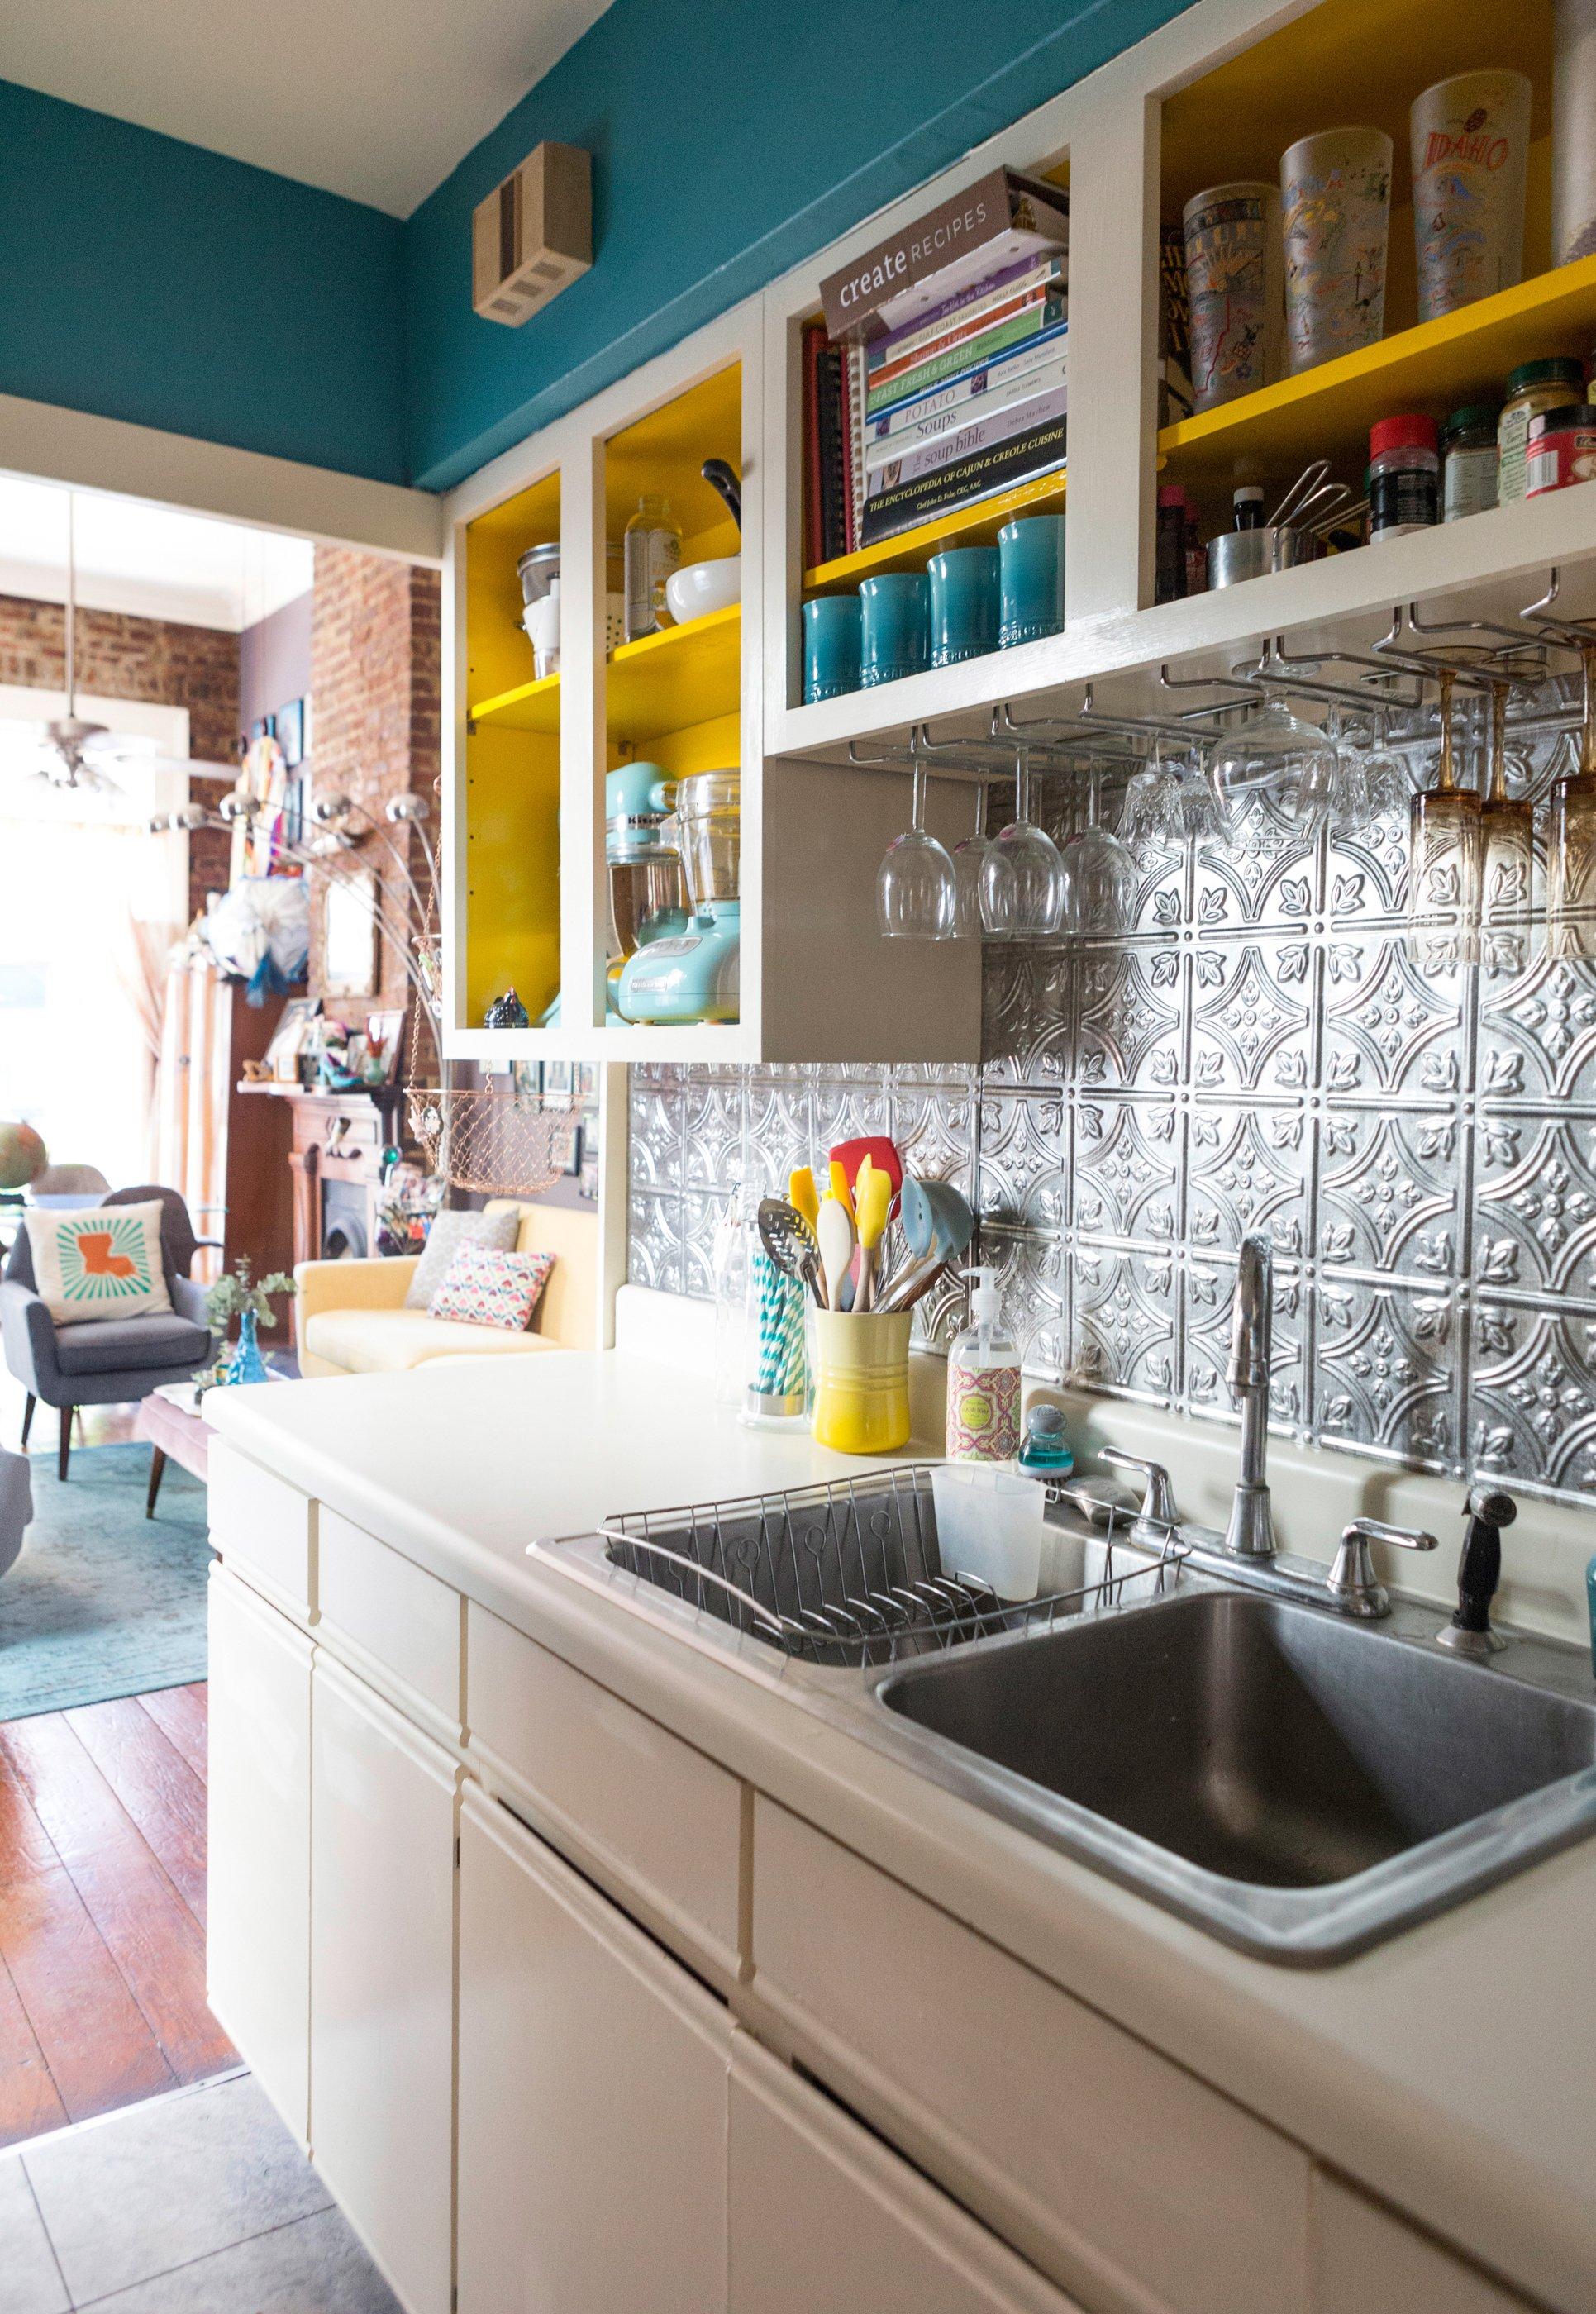 The 9 Best Ways To Upgrade A Rental Kitchen Kitchn